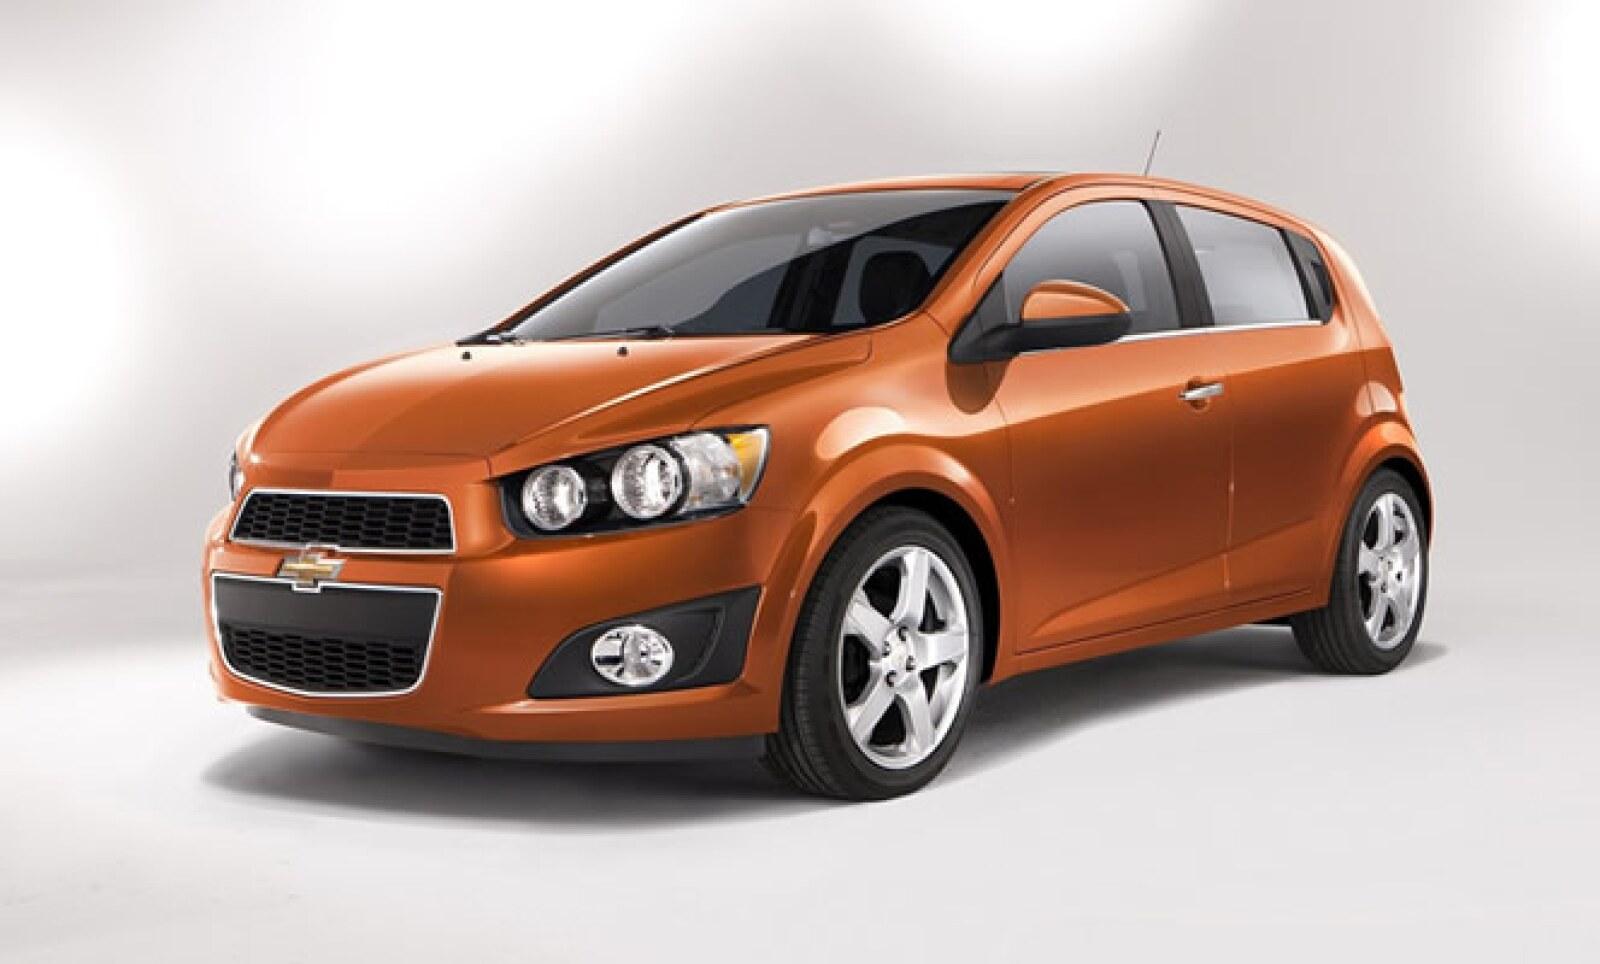 La firma de Michigan ofreció los primeros detalles de su modelo juvenil Sonic, que tiene 138 caballos de fuerza, un motor Ecotec de 1.8 litros y estará en las calles a finales de 2011.